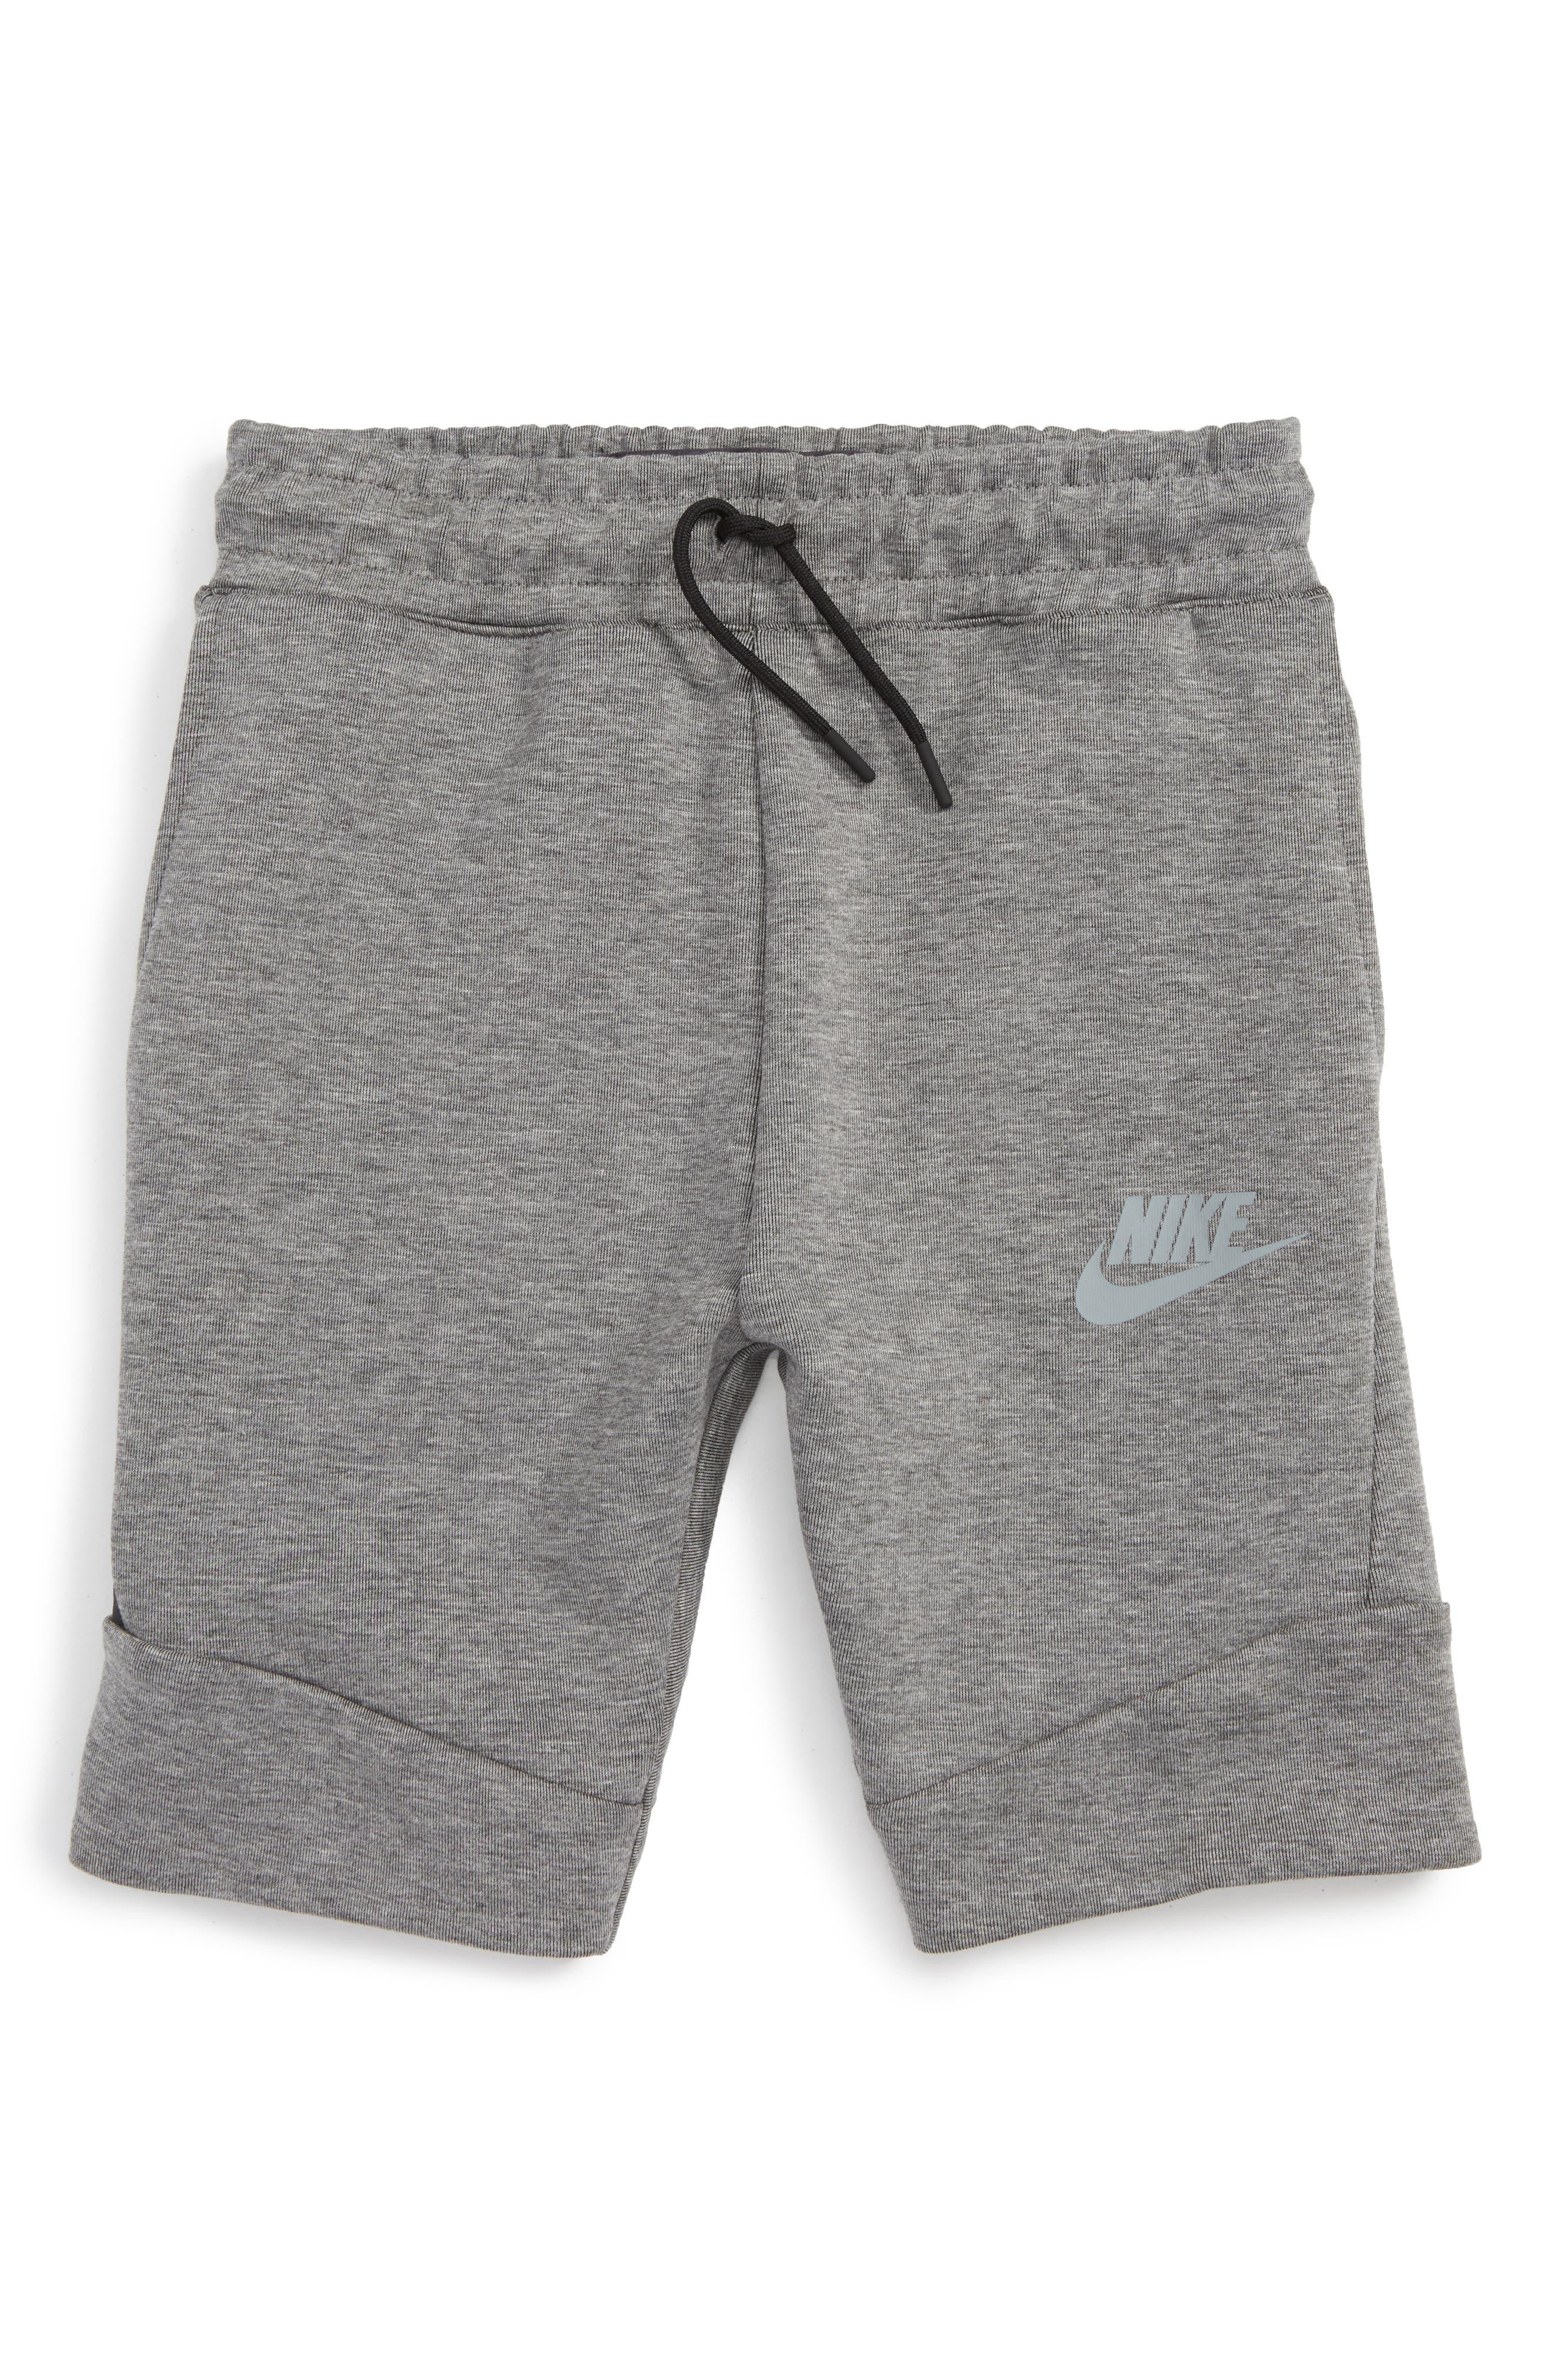 NIKE 'Tech Fleece' Shorts